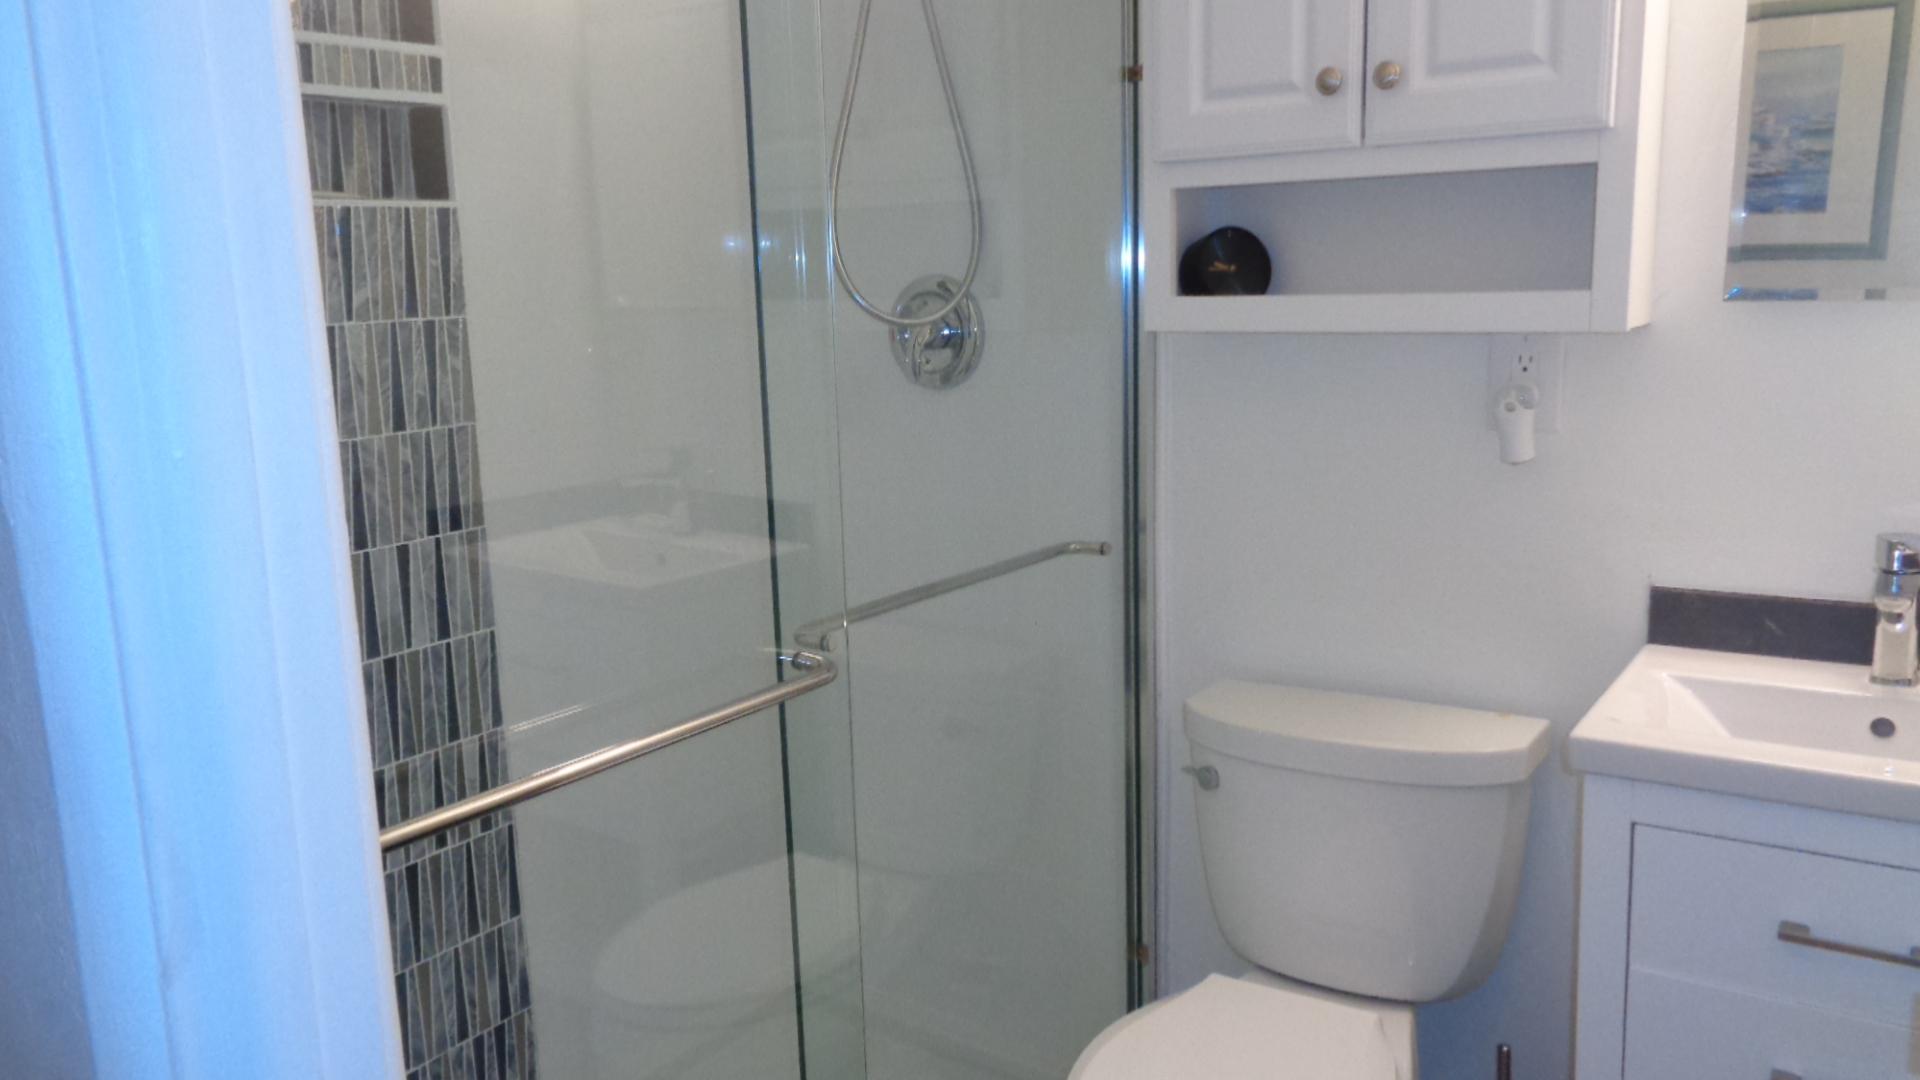 Unit 19 Bathroom